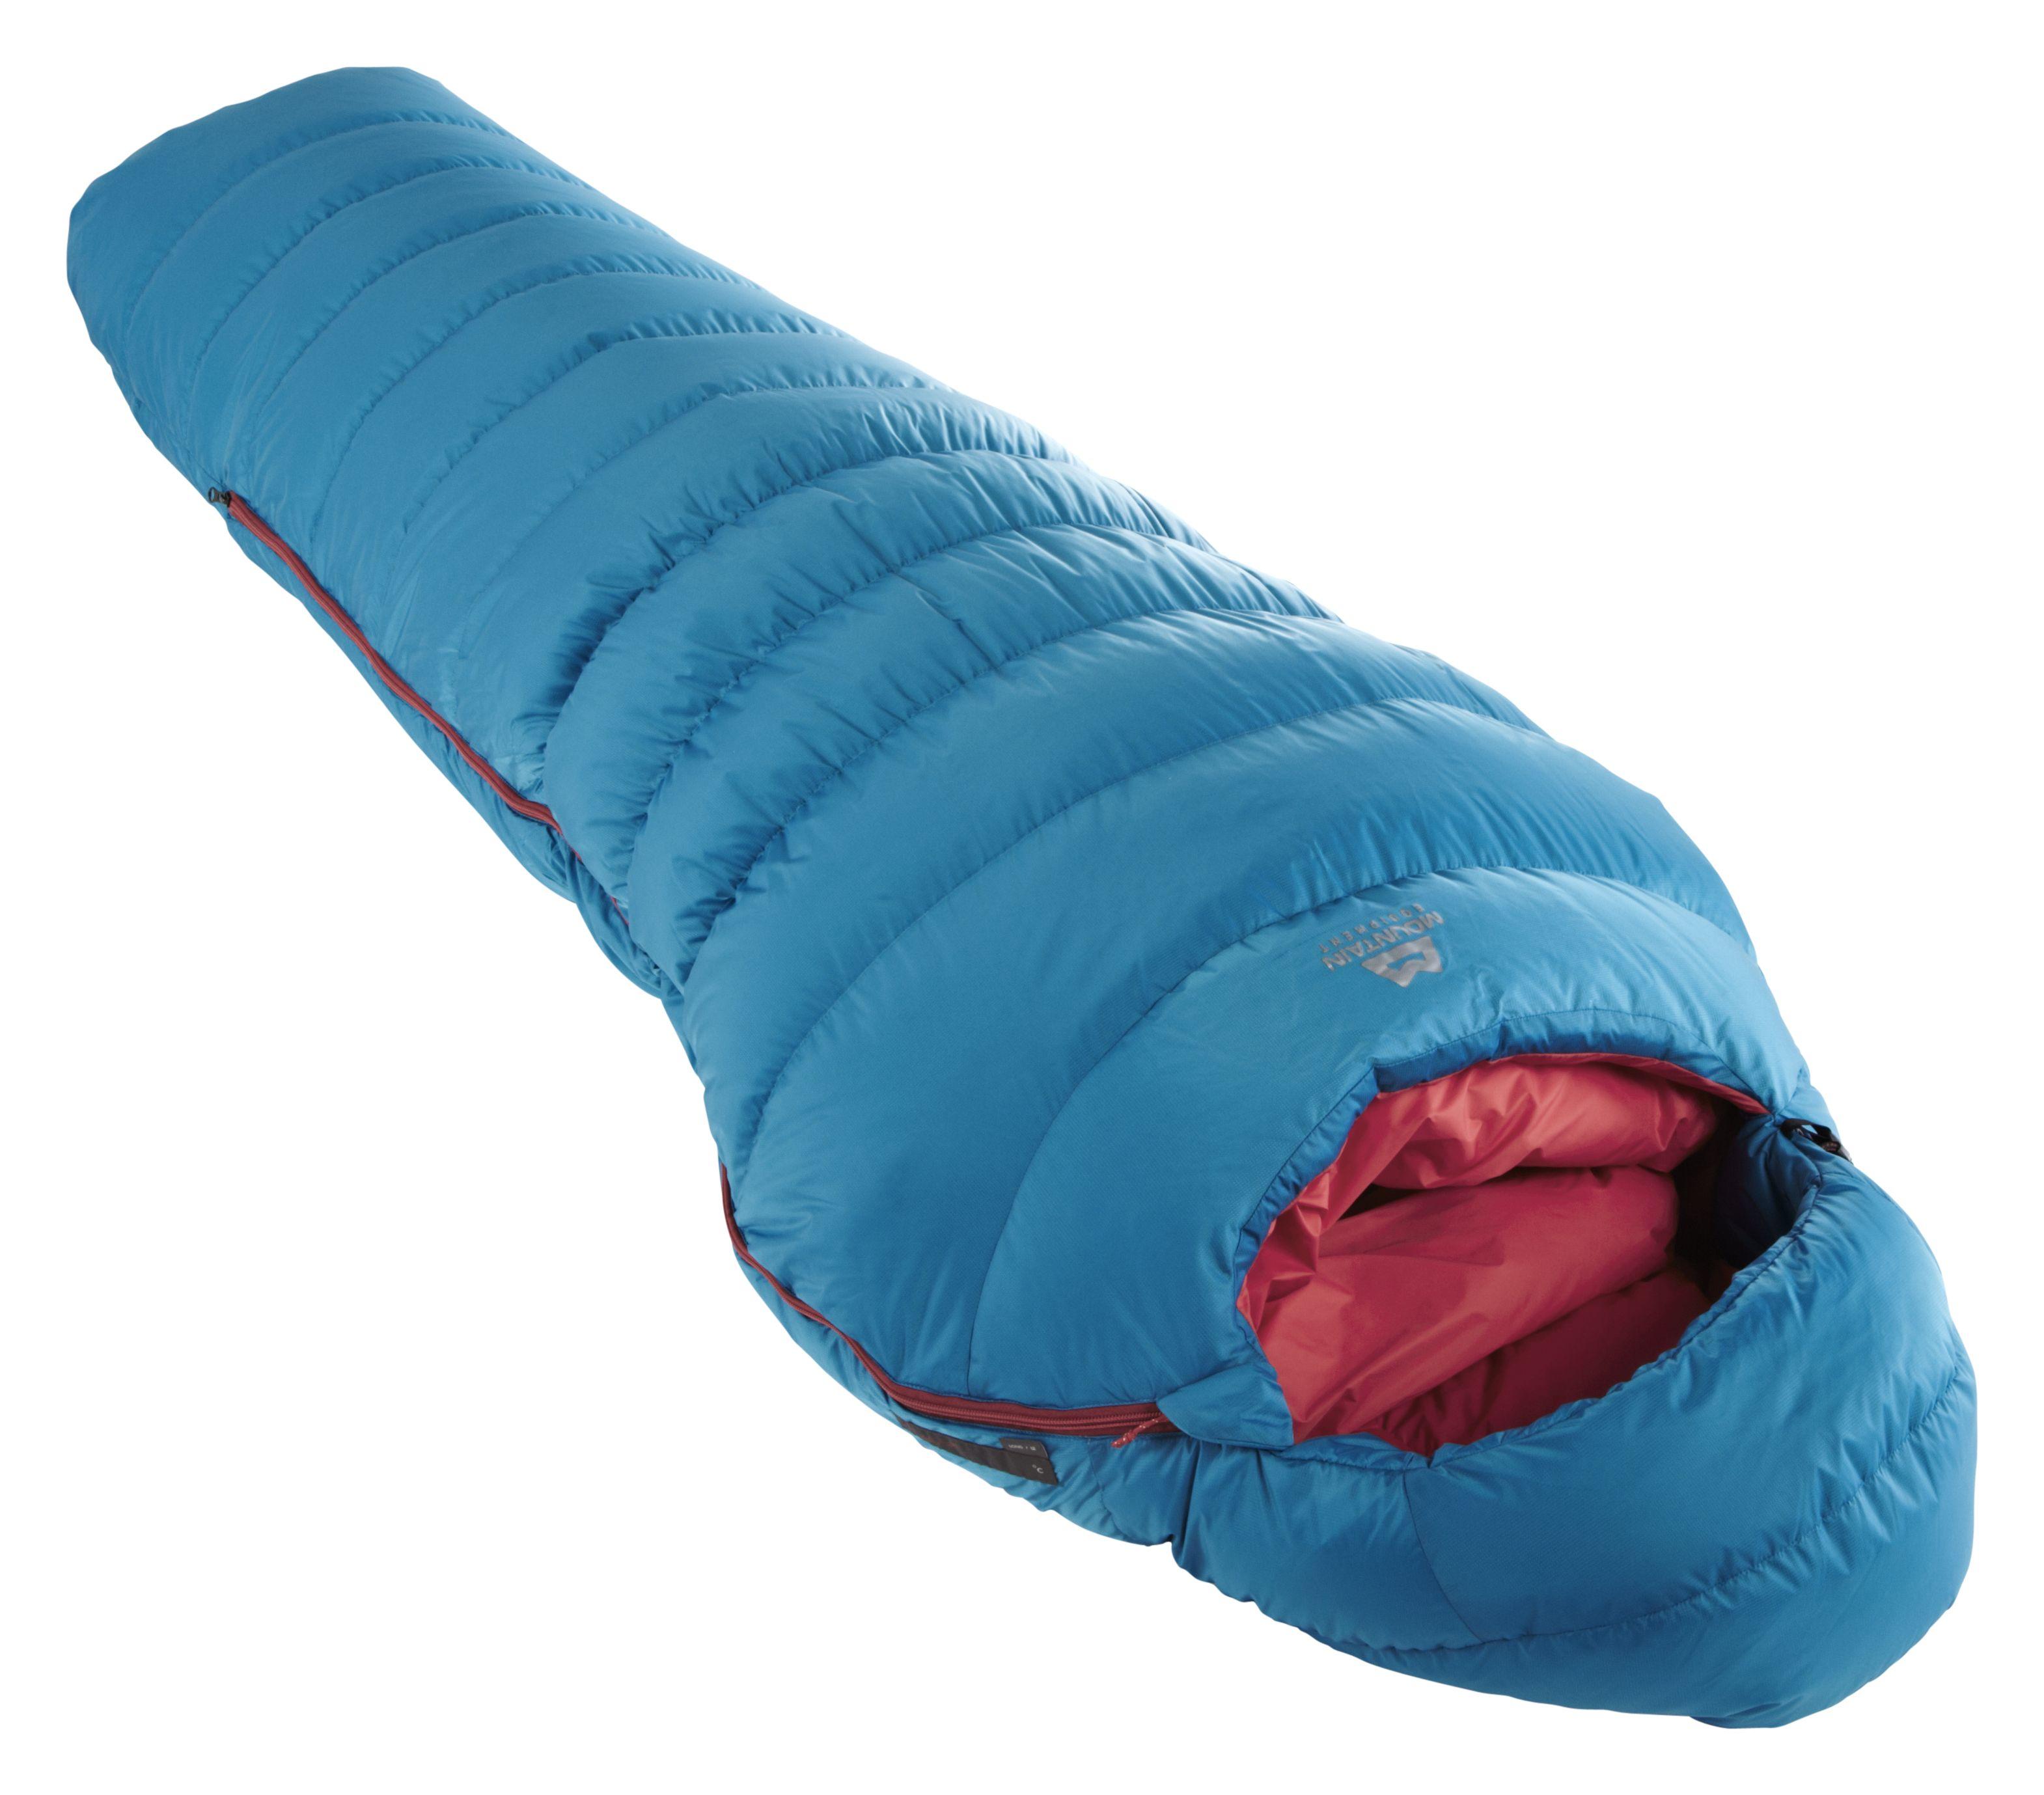 Mountain Equipment Classic 500 - Down sleeping bag - Women's